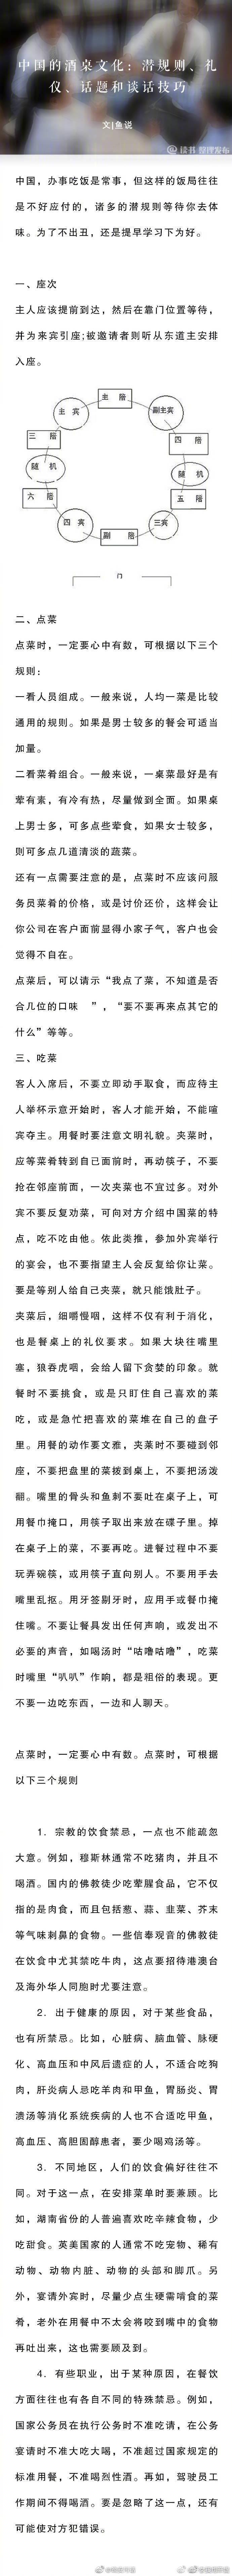 中国的酒桌文化:潜规则、礼仪、话题和谈话技巧!马走慢慢学吧!